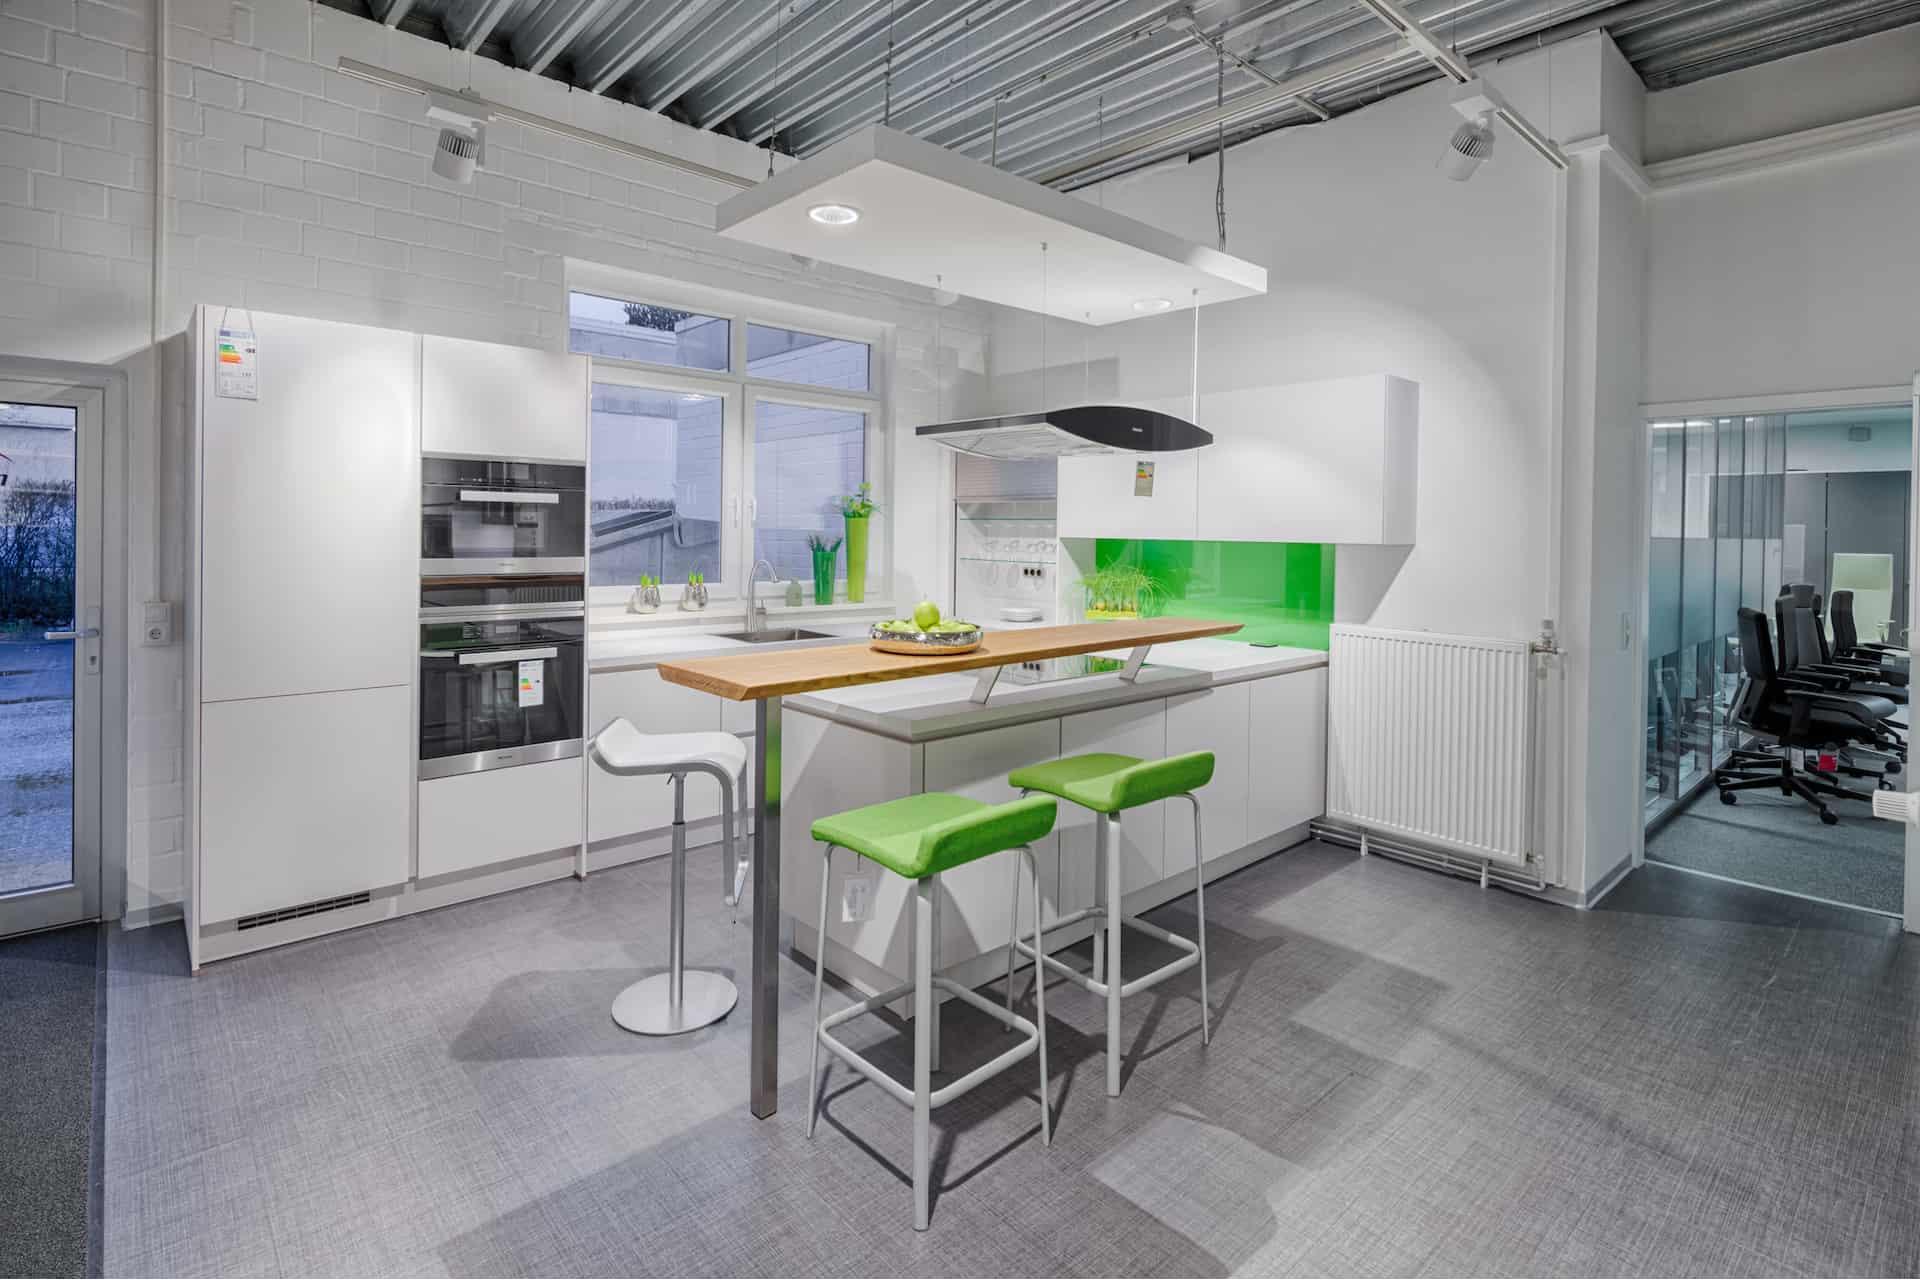 Full Size of Suche Gebrauchte Einbauküche Gebrauchte Einbauküche Küche Wie Viel Ist Eine Gebrauchte Einbauküche Wert Gebrauchte Einbauküche Günstig Kaufen Küche Gebrauchte Einbauküche